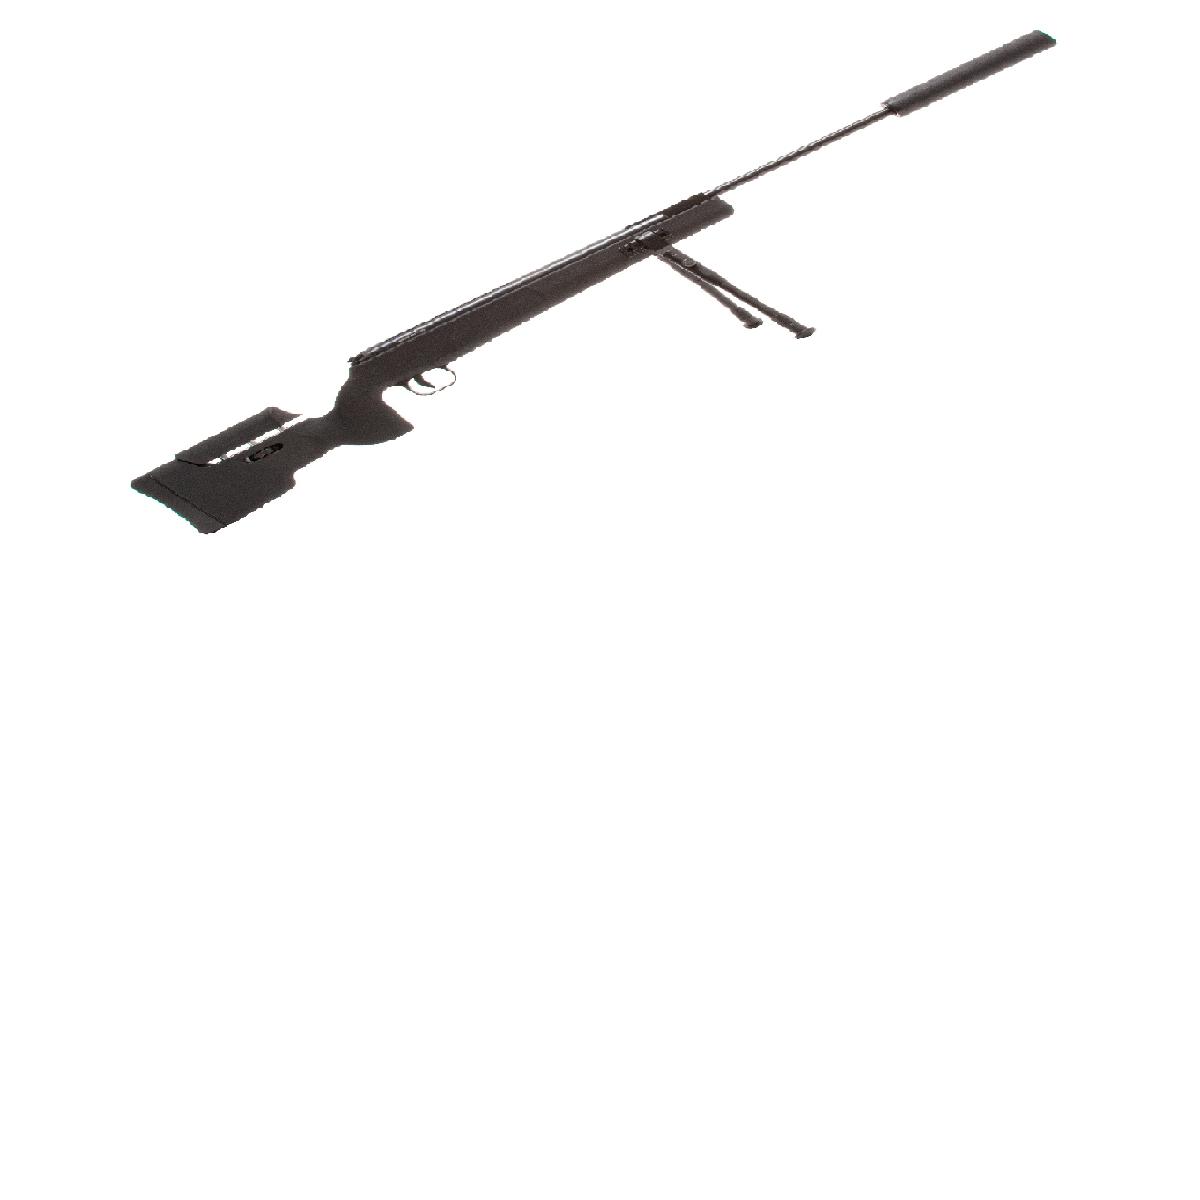 Carabina de Pressão Fixxar GP Sniper 5.5mm